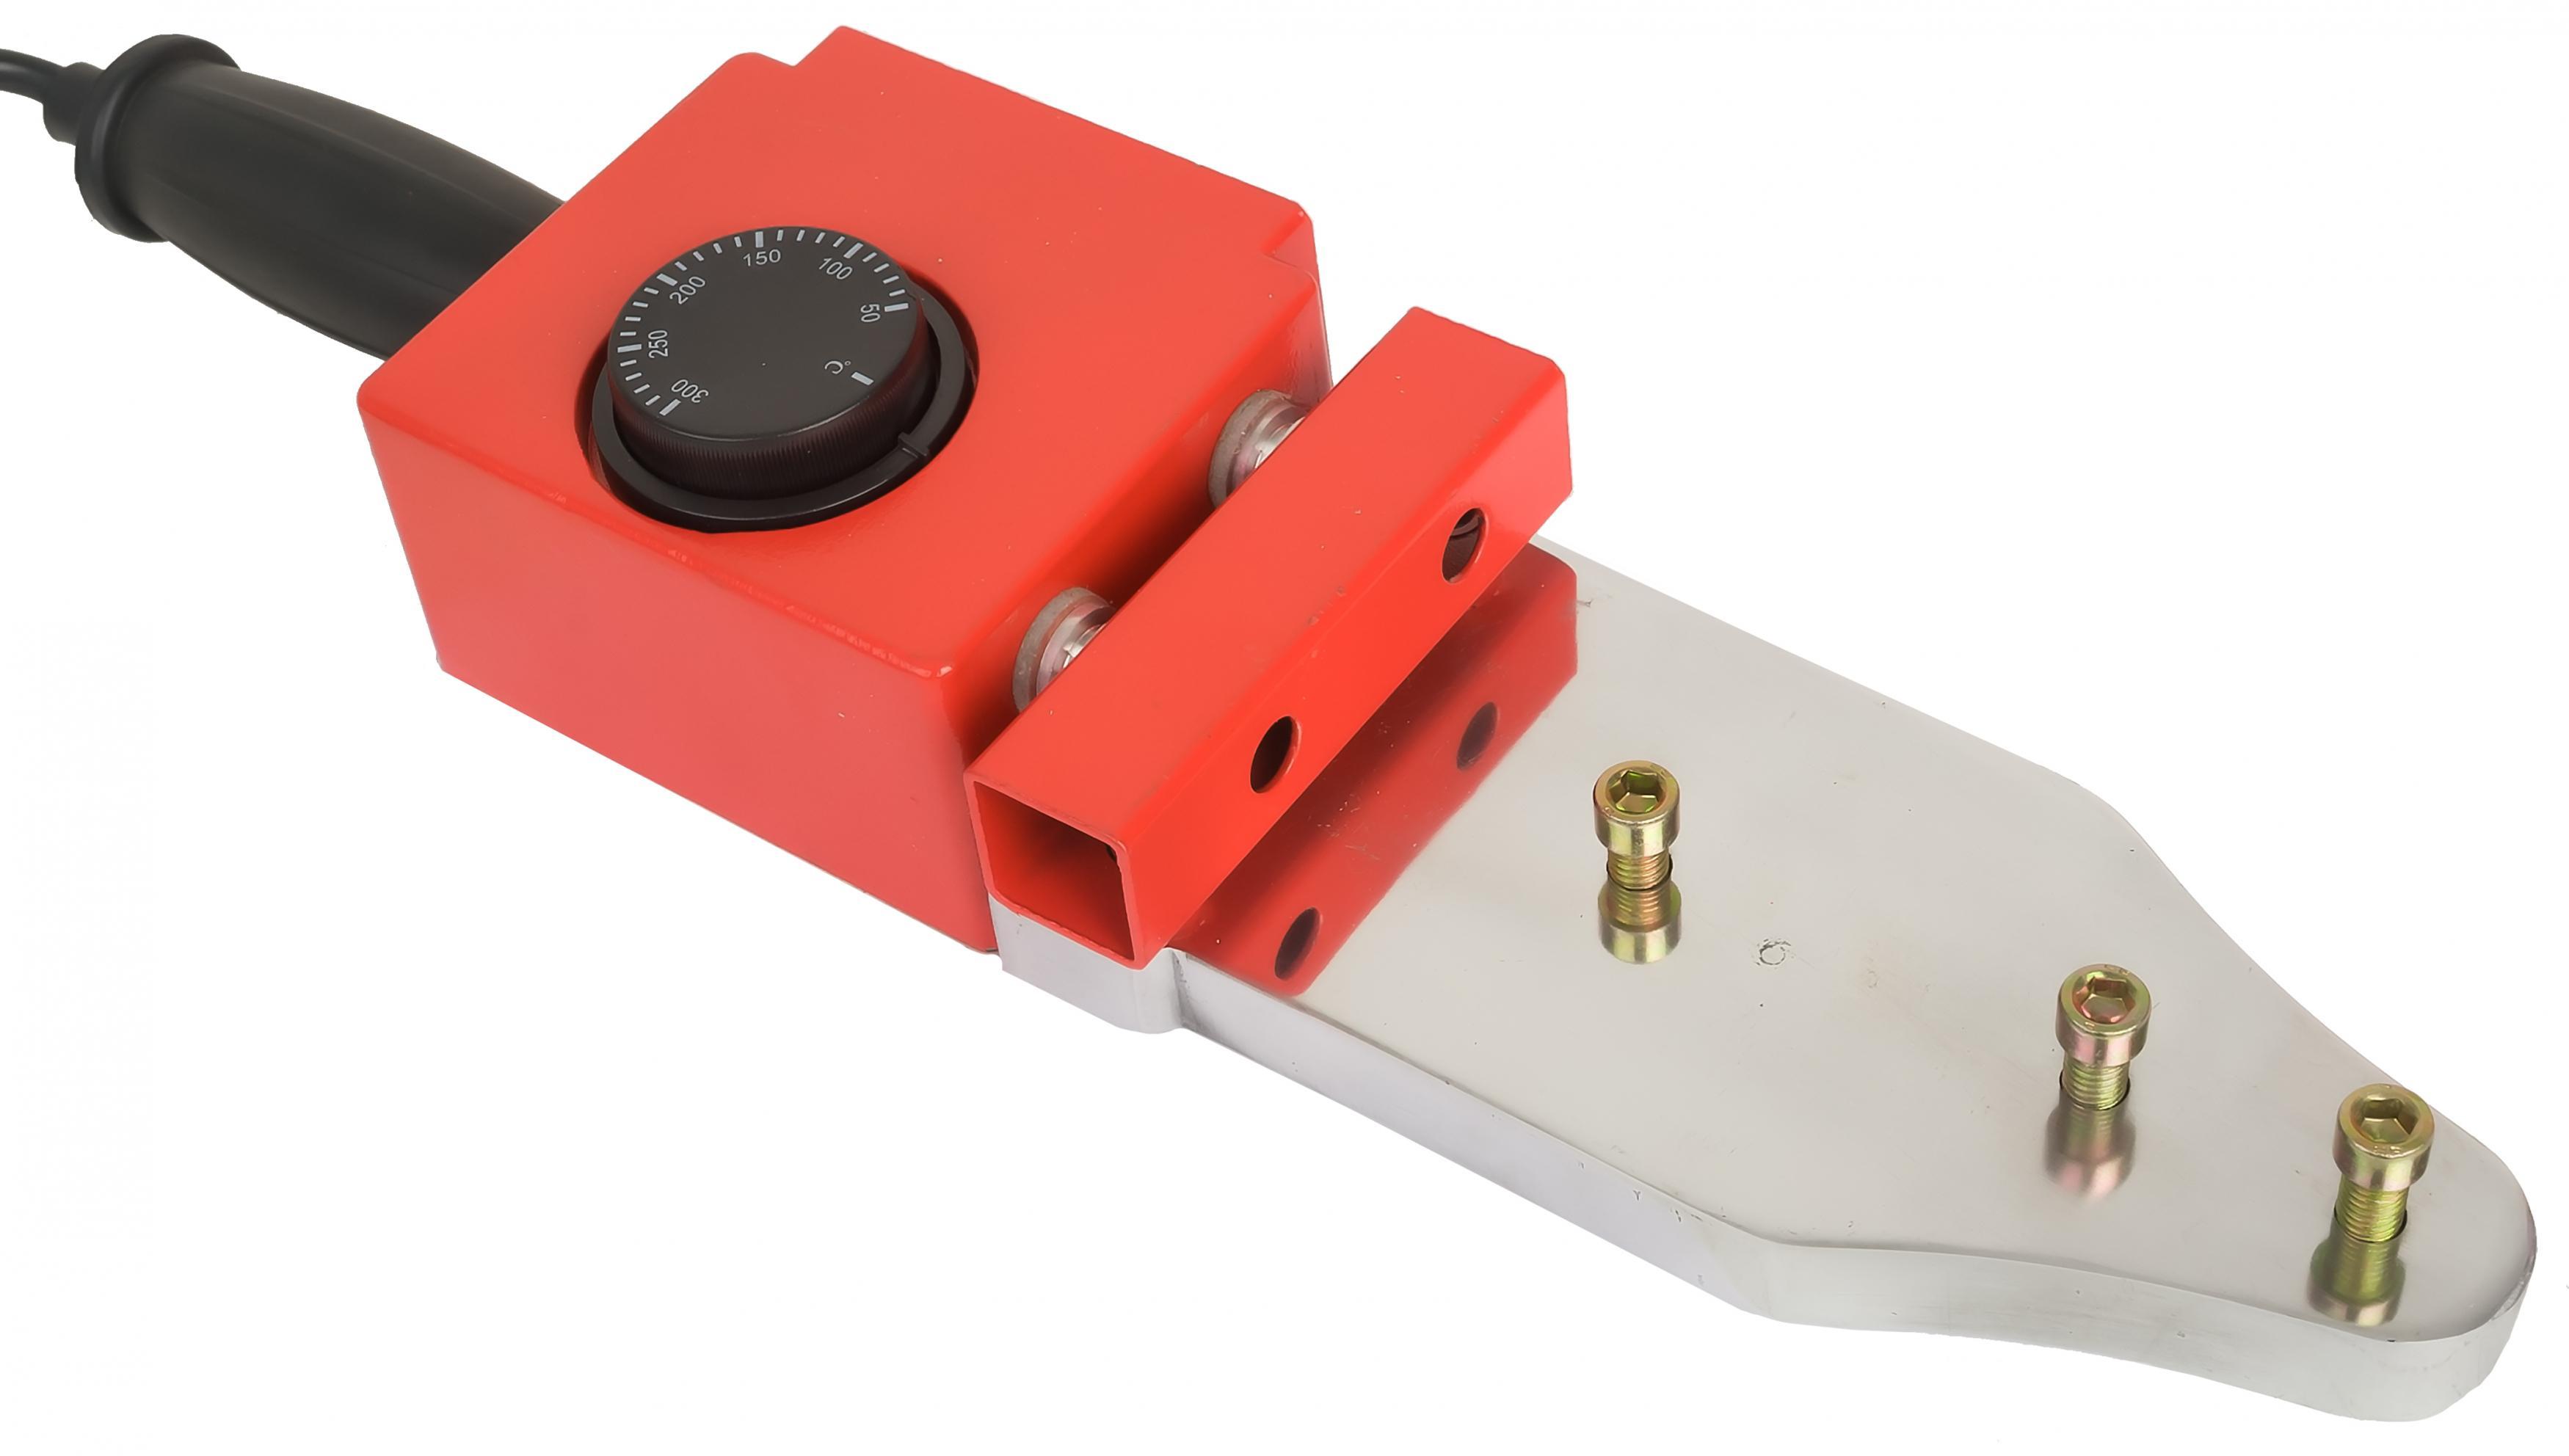 Аппарат для сварки пластиковых труб Elitech СПТ 1500 сварочный аппарат elitech ис 160м